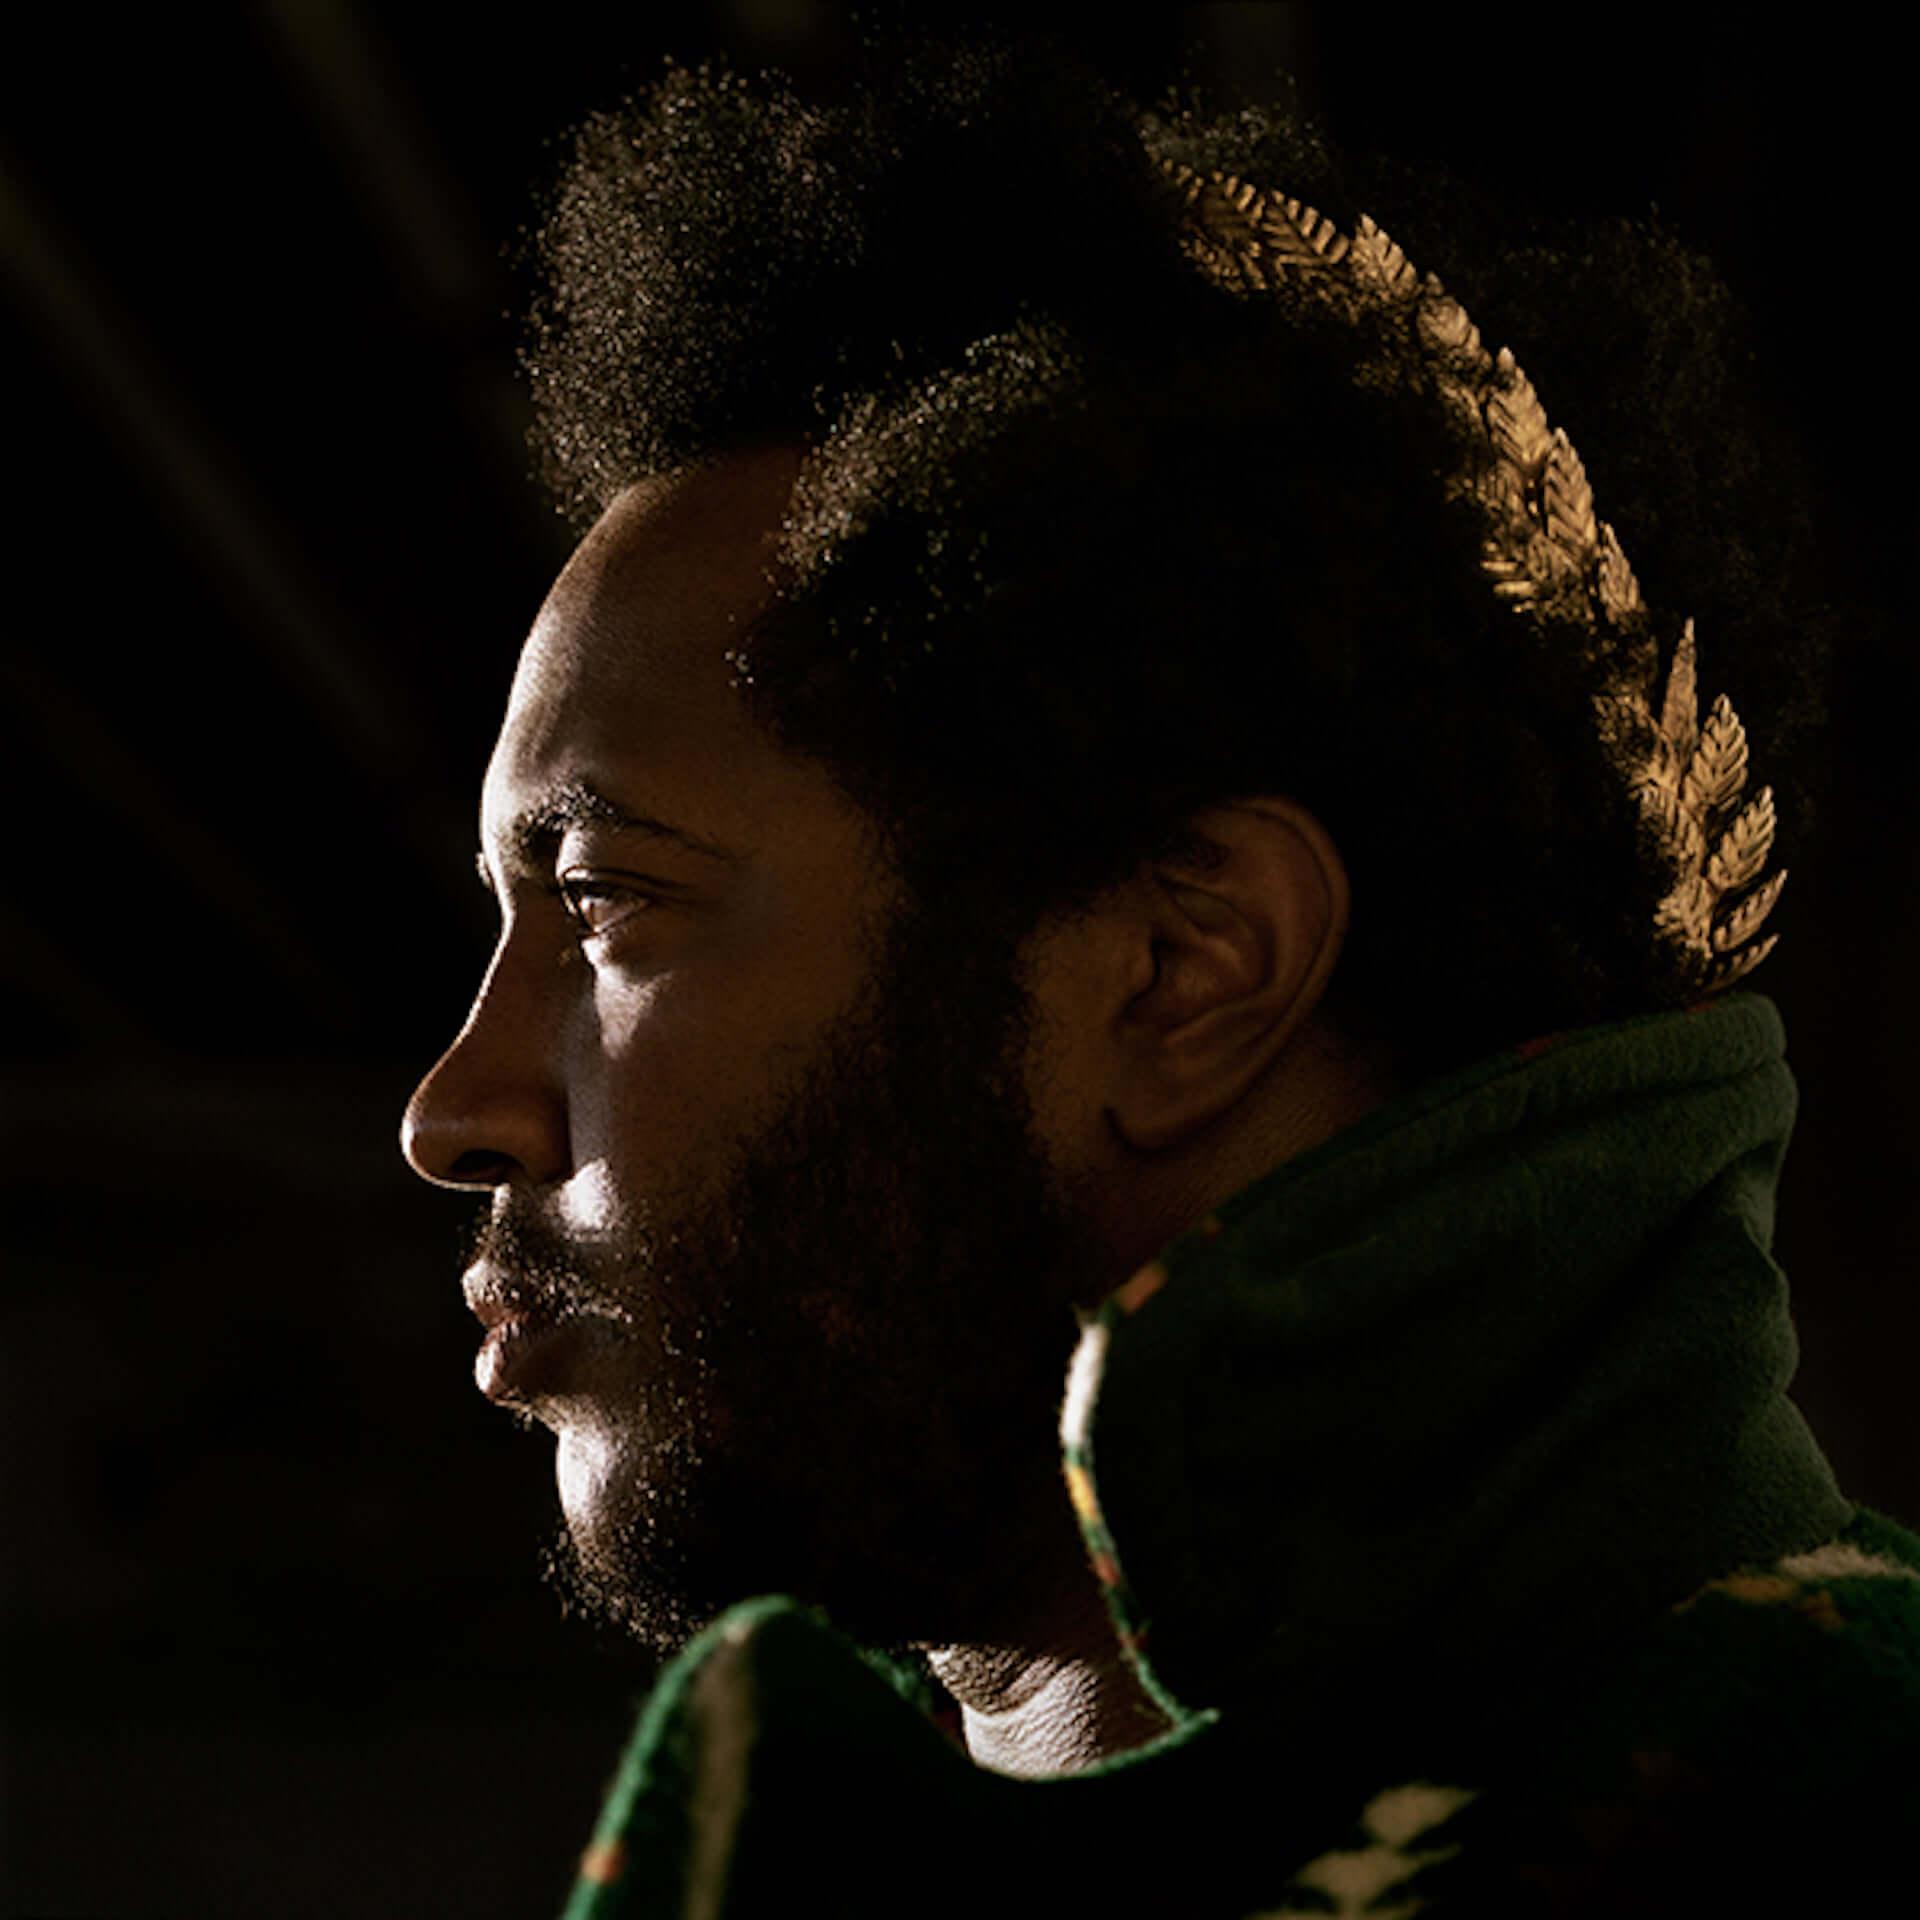 """Thundercatの楽曲""""Fair Chance(feat. Ty Dolla $ign & Lil B)""""をFloating Pointsがリミックス!音源が公開&12インチも発売決定 music201112_thundercat_3-1920x1920"""